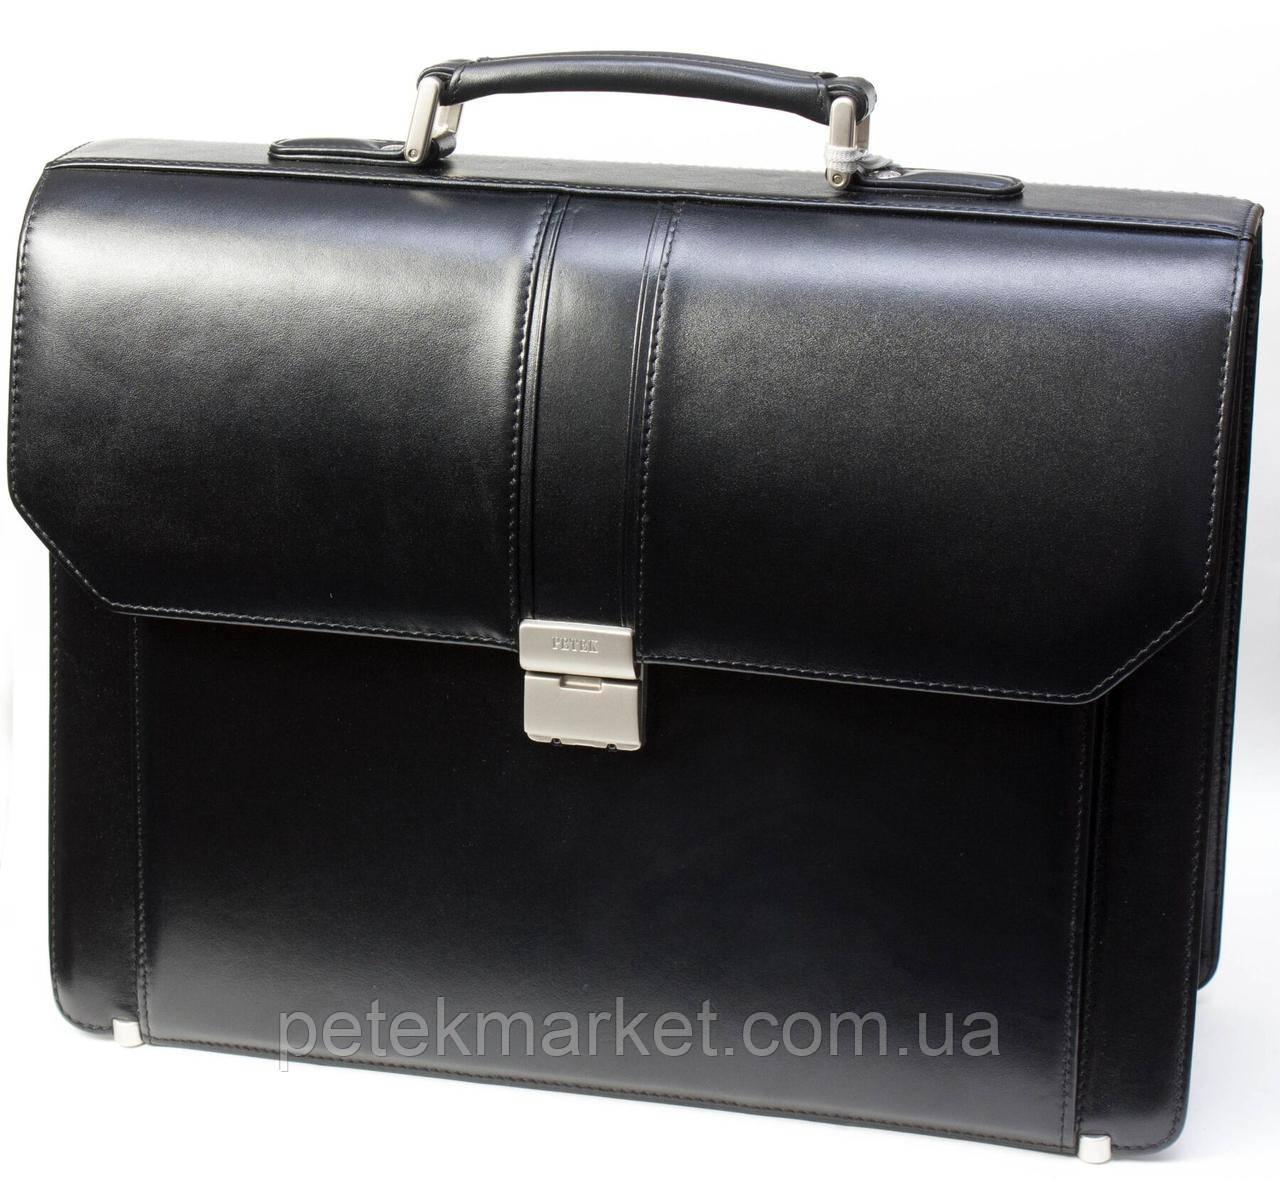 Портфель мужской Petek 862, Черный, Рептилия, Матовая